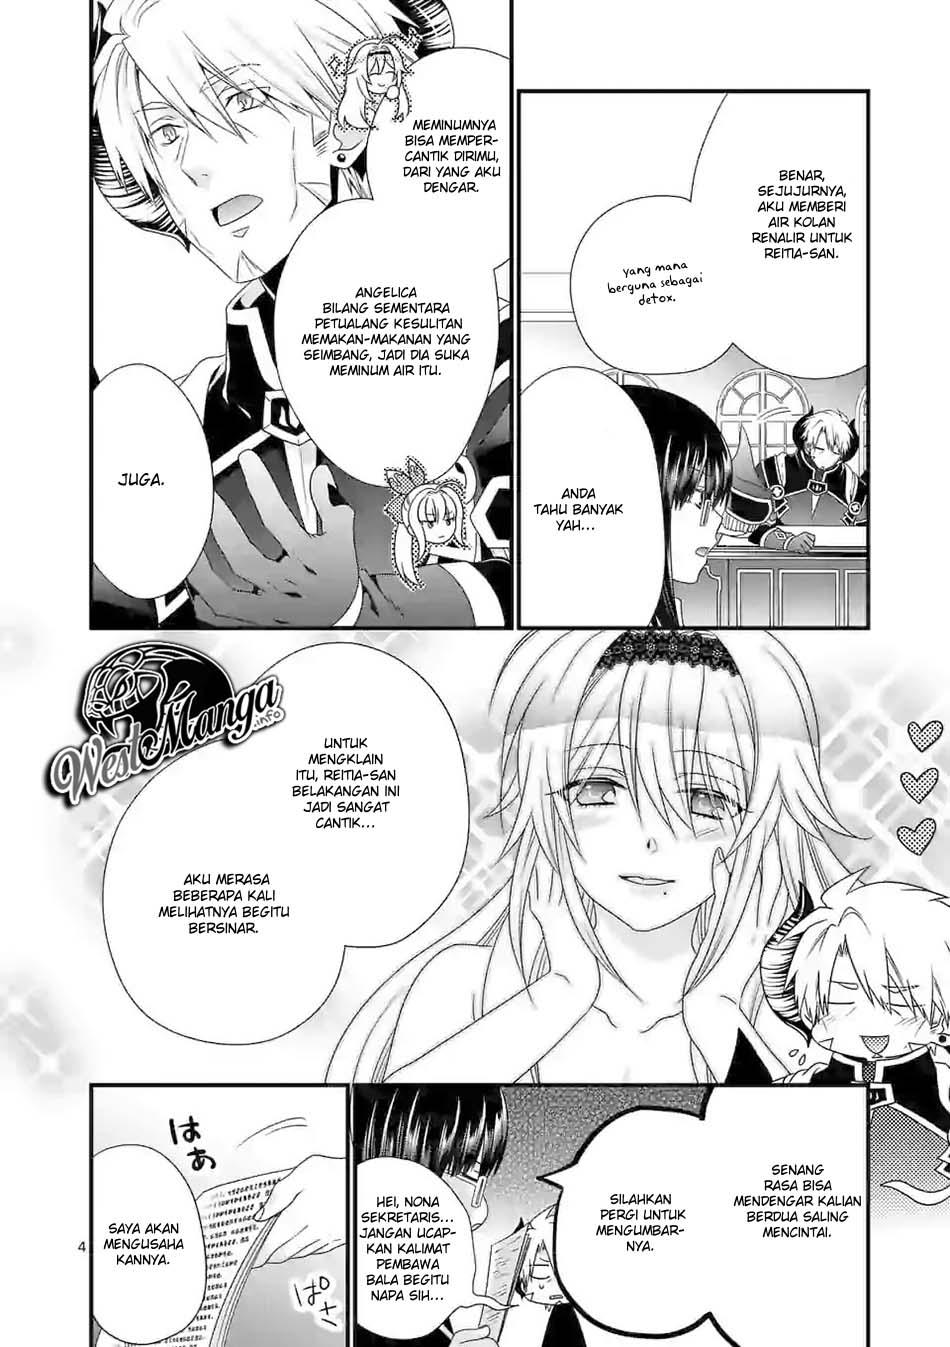 Maou desu Onna Yuusha no Hahaoya to Saikon Shita no de Onna Yuusha ga Giri no Musume ni Narimashita: Chapter 30 - Page 5